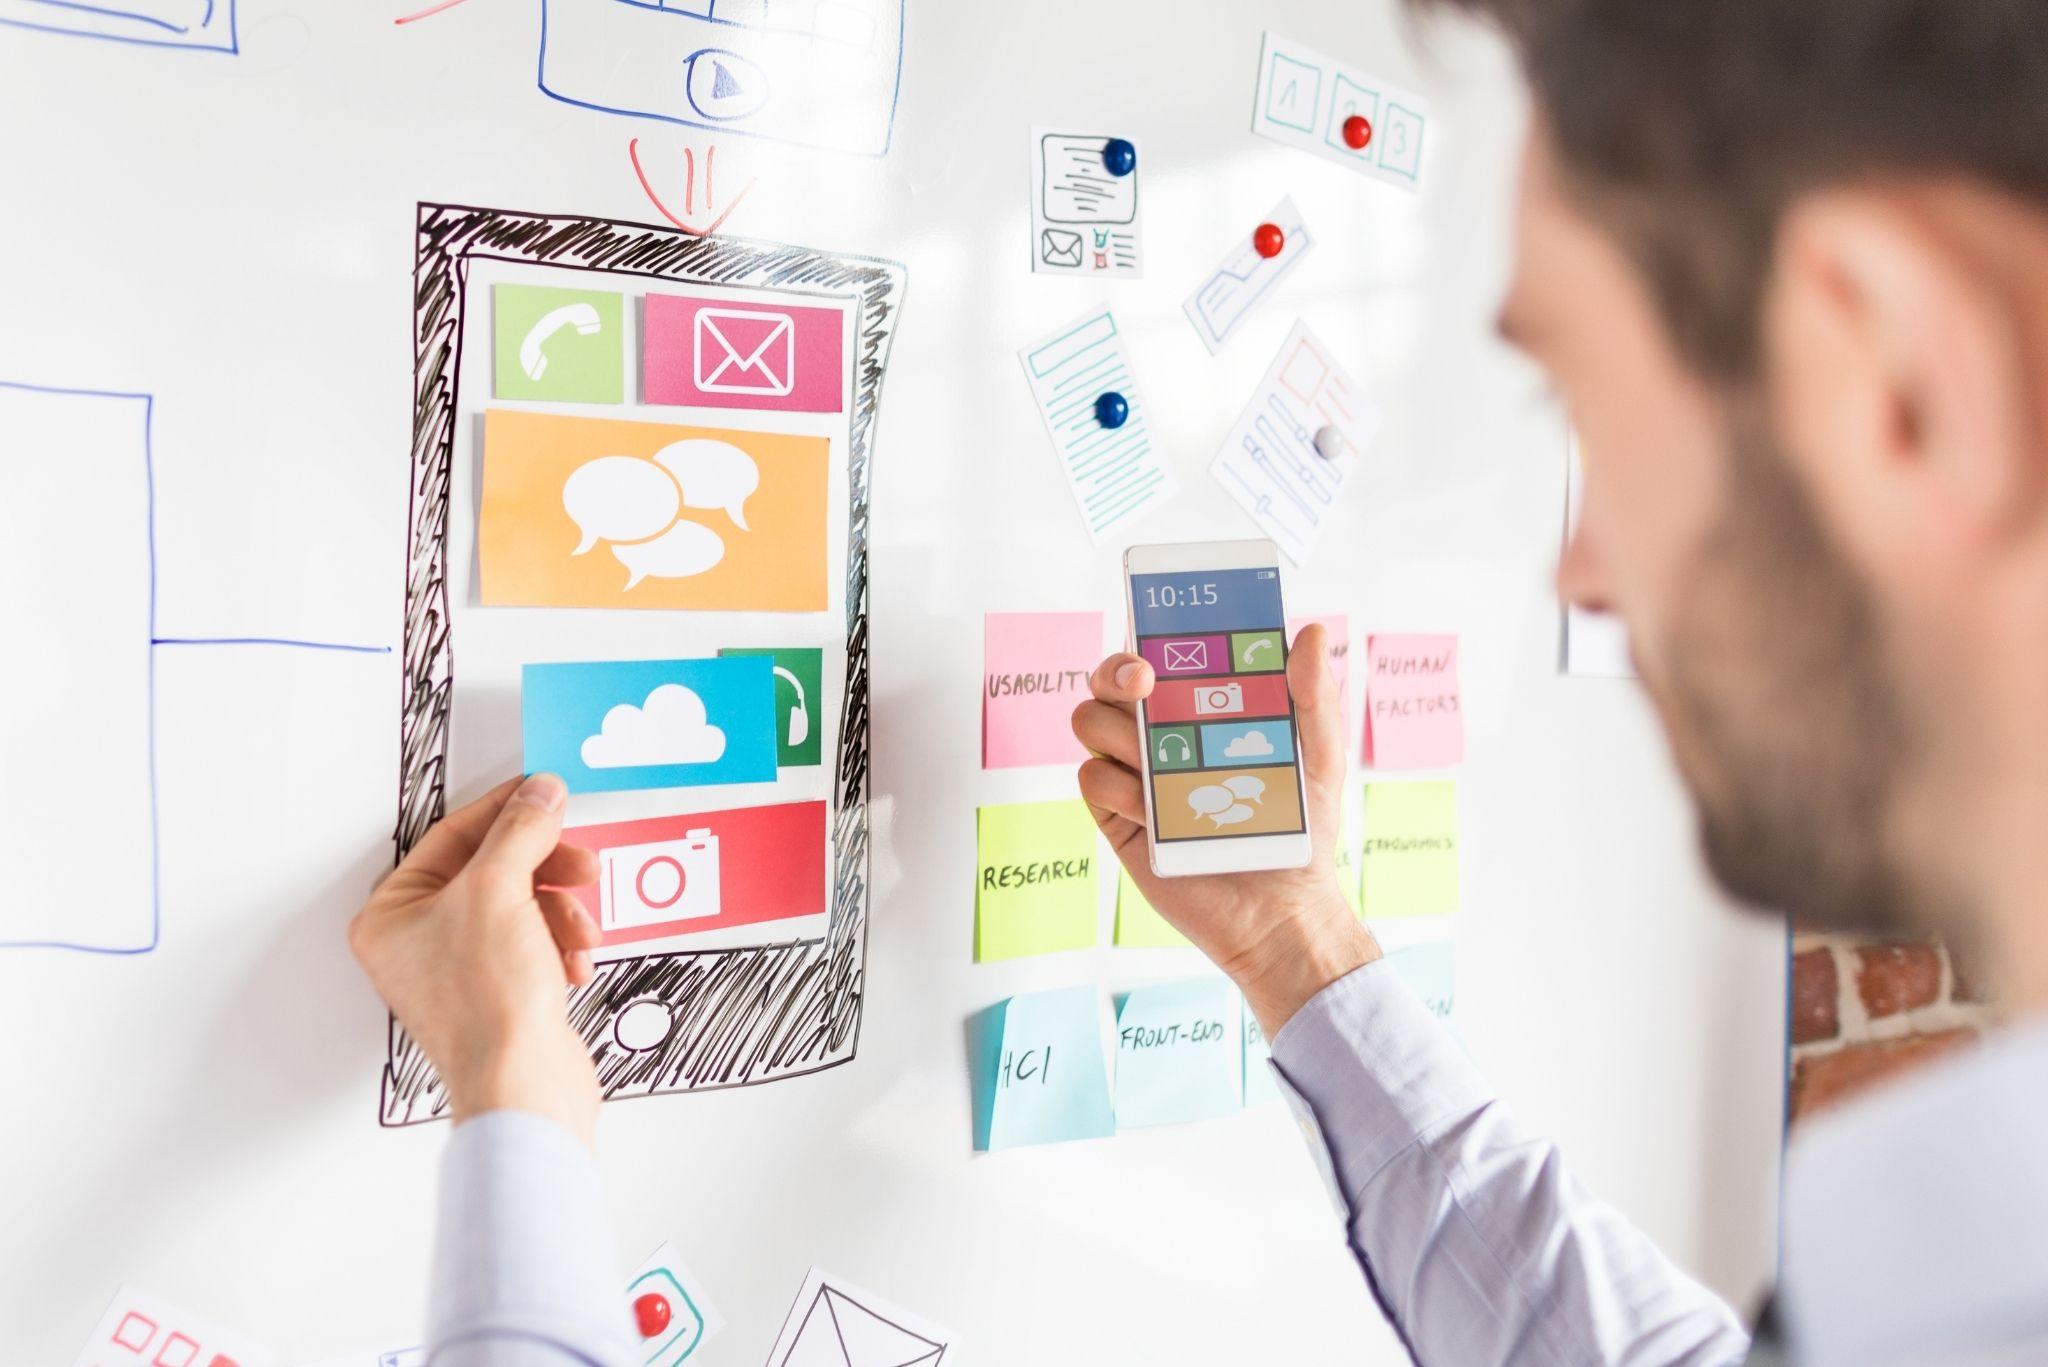 As funções administrativas e organizacionais são muito importantes, assim como o alinhamento da equipe. Os aplicativos internos podem melhorar muito a dinâmica interna. Confira no artigo de que forma os apps empresarias podem transformar seu negócio!